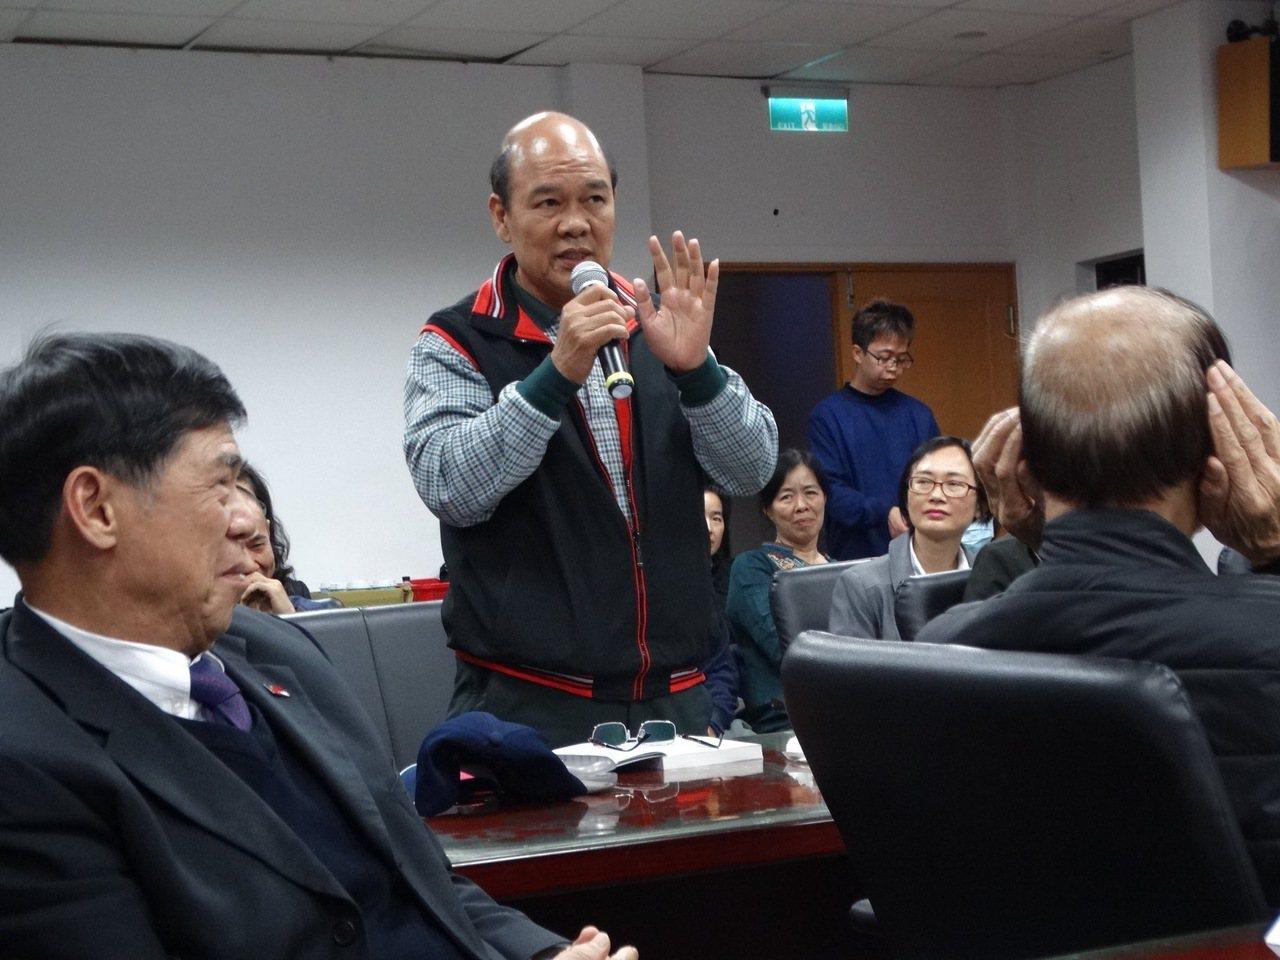 前立委陳清寶曾是昔日的「金門戰將」,以敢言聞名,現在的他面對許多重要議題仍會直言...